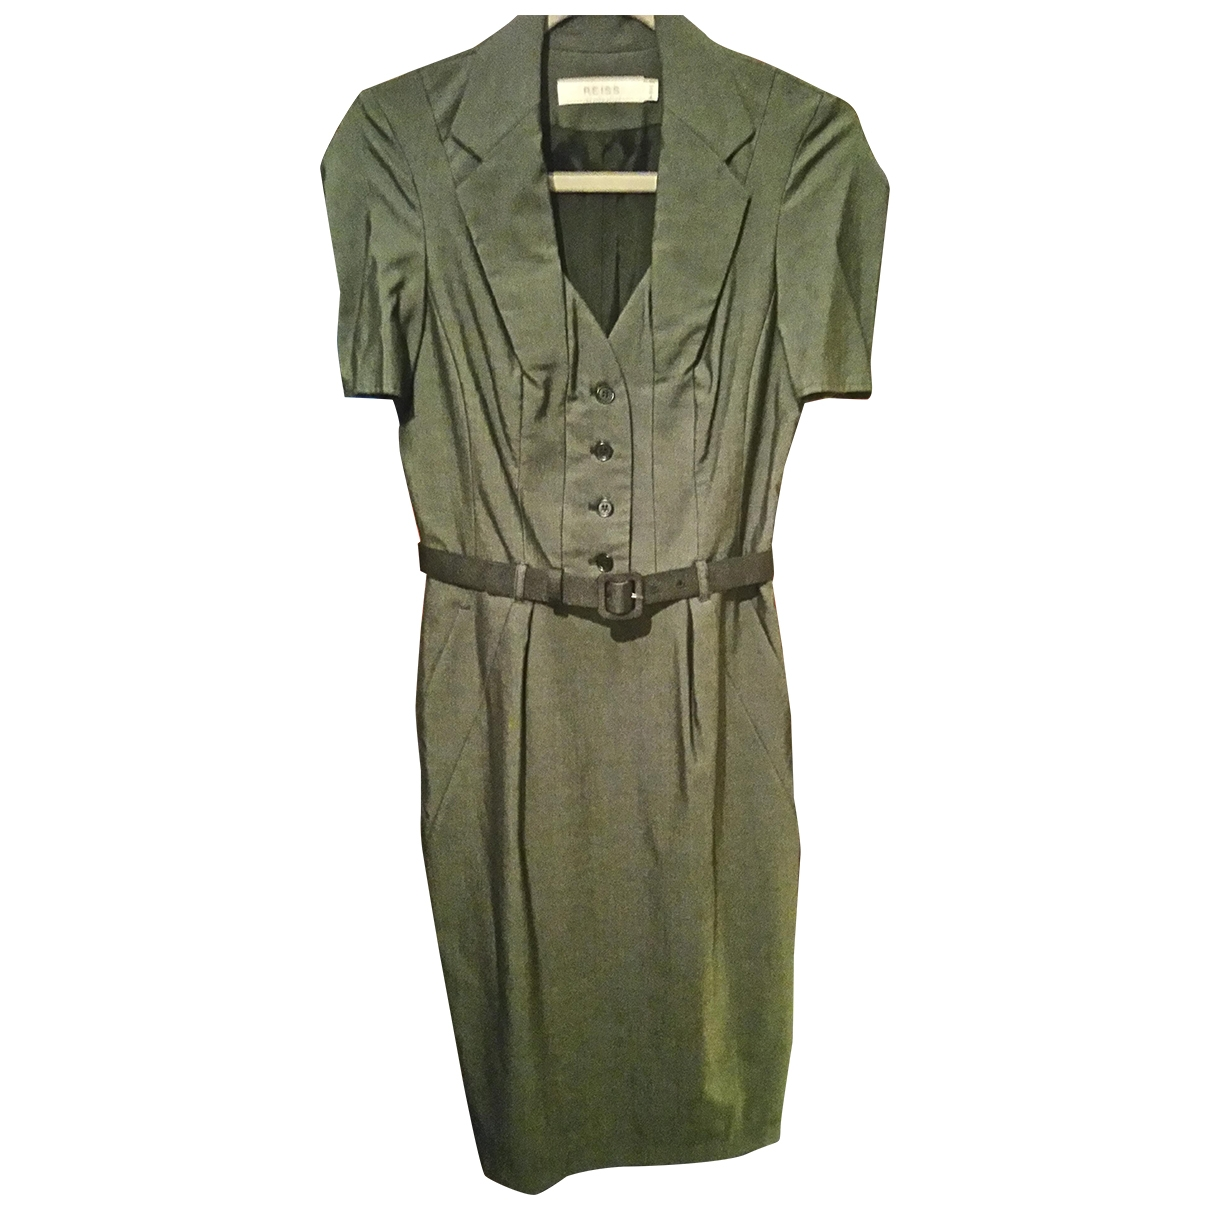 Reiss \N Kleid in  Grau Wolle